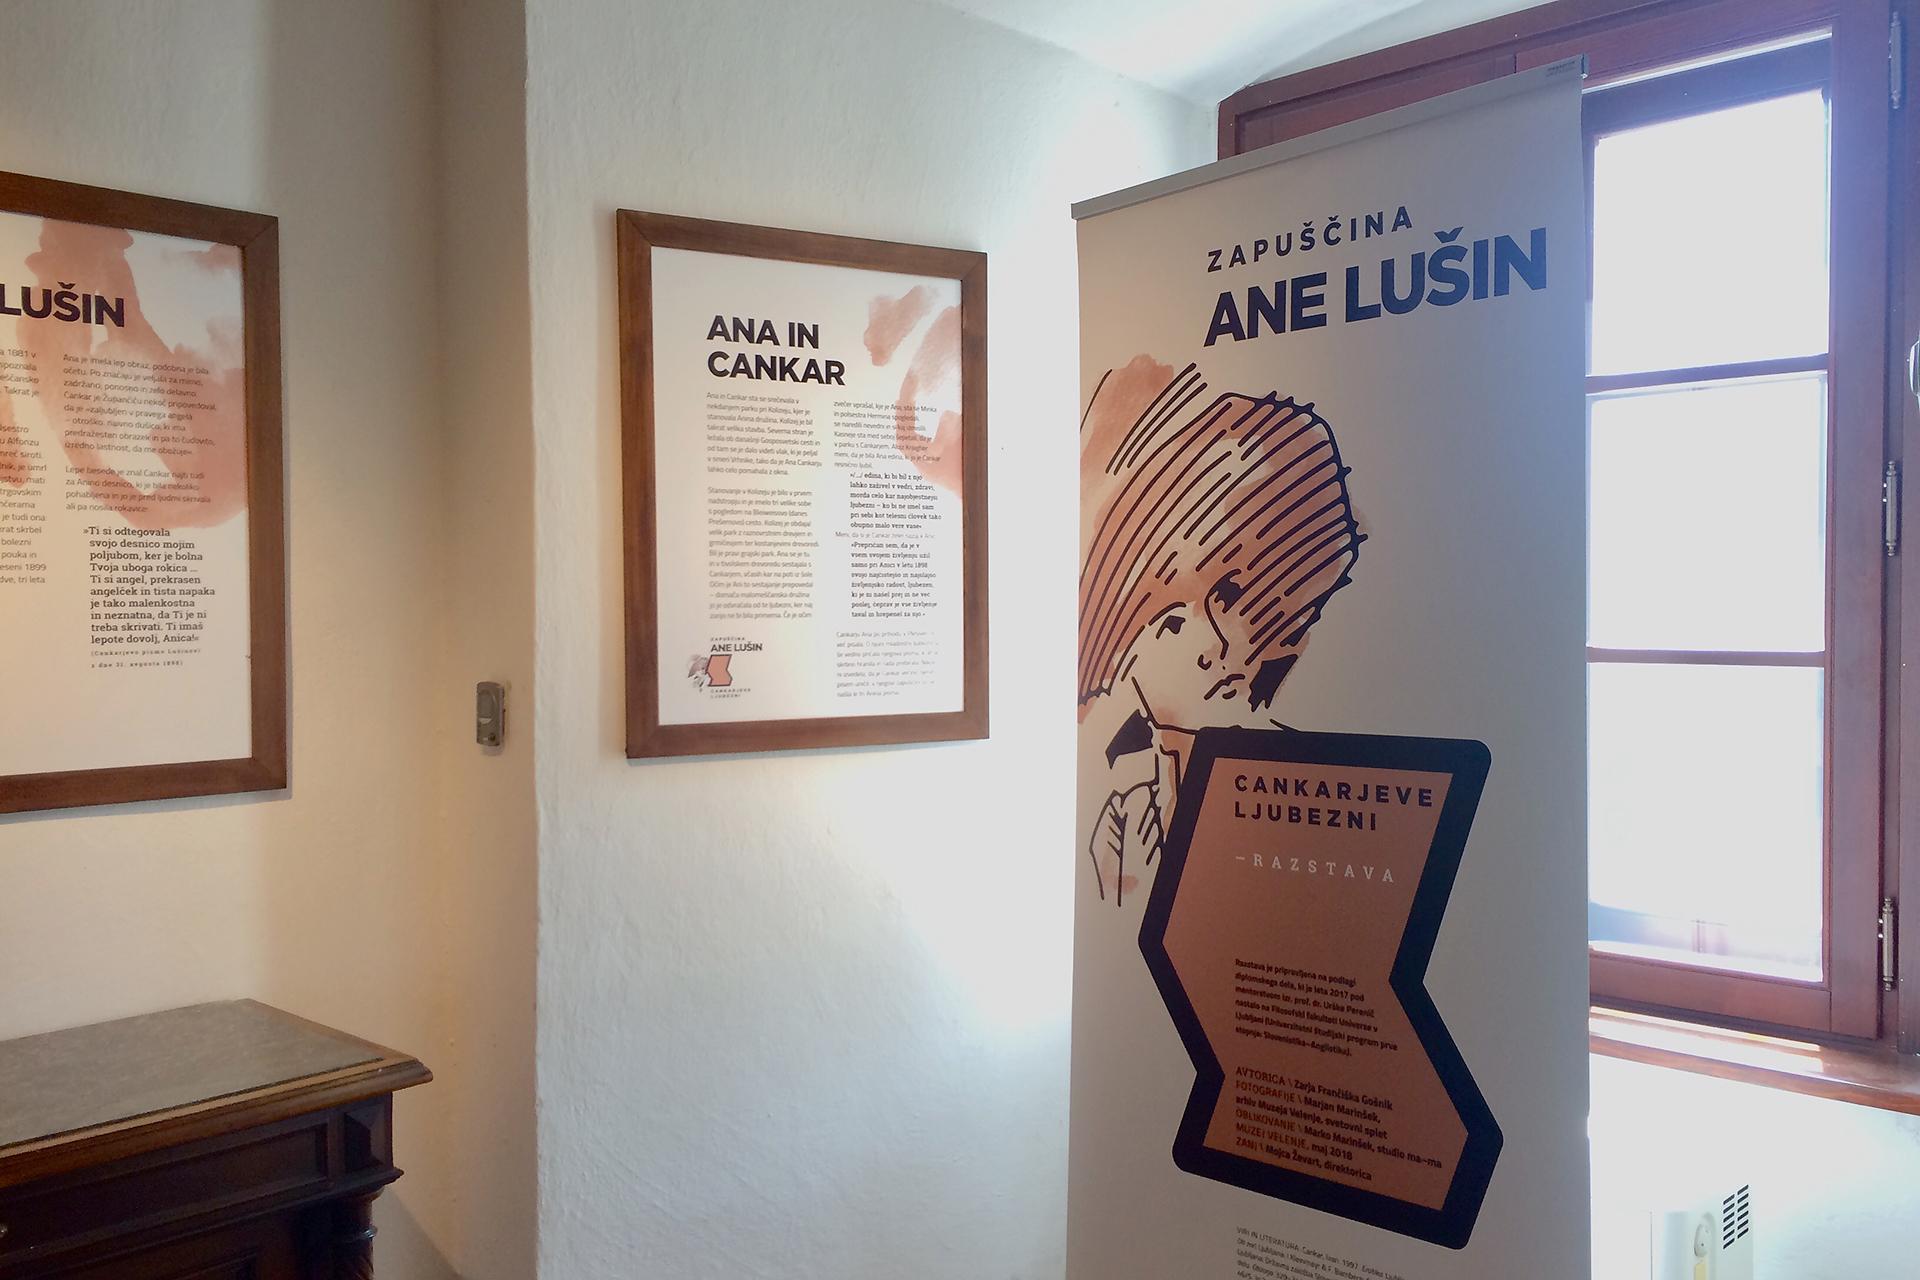 razstava_cankarjeva_ljubezen_ana_lusin_muzej_velenje_ma-ma_marko_marinsek_8